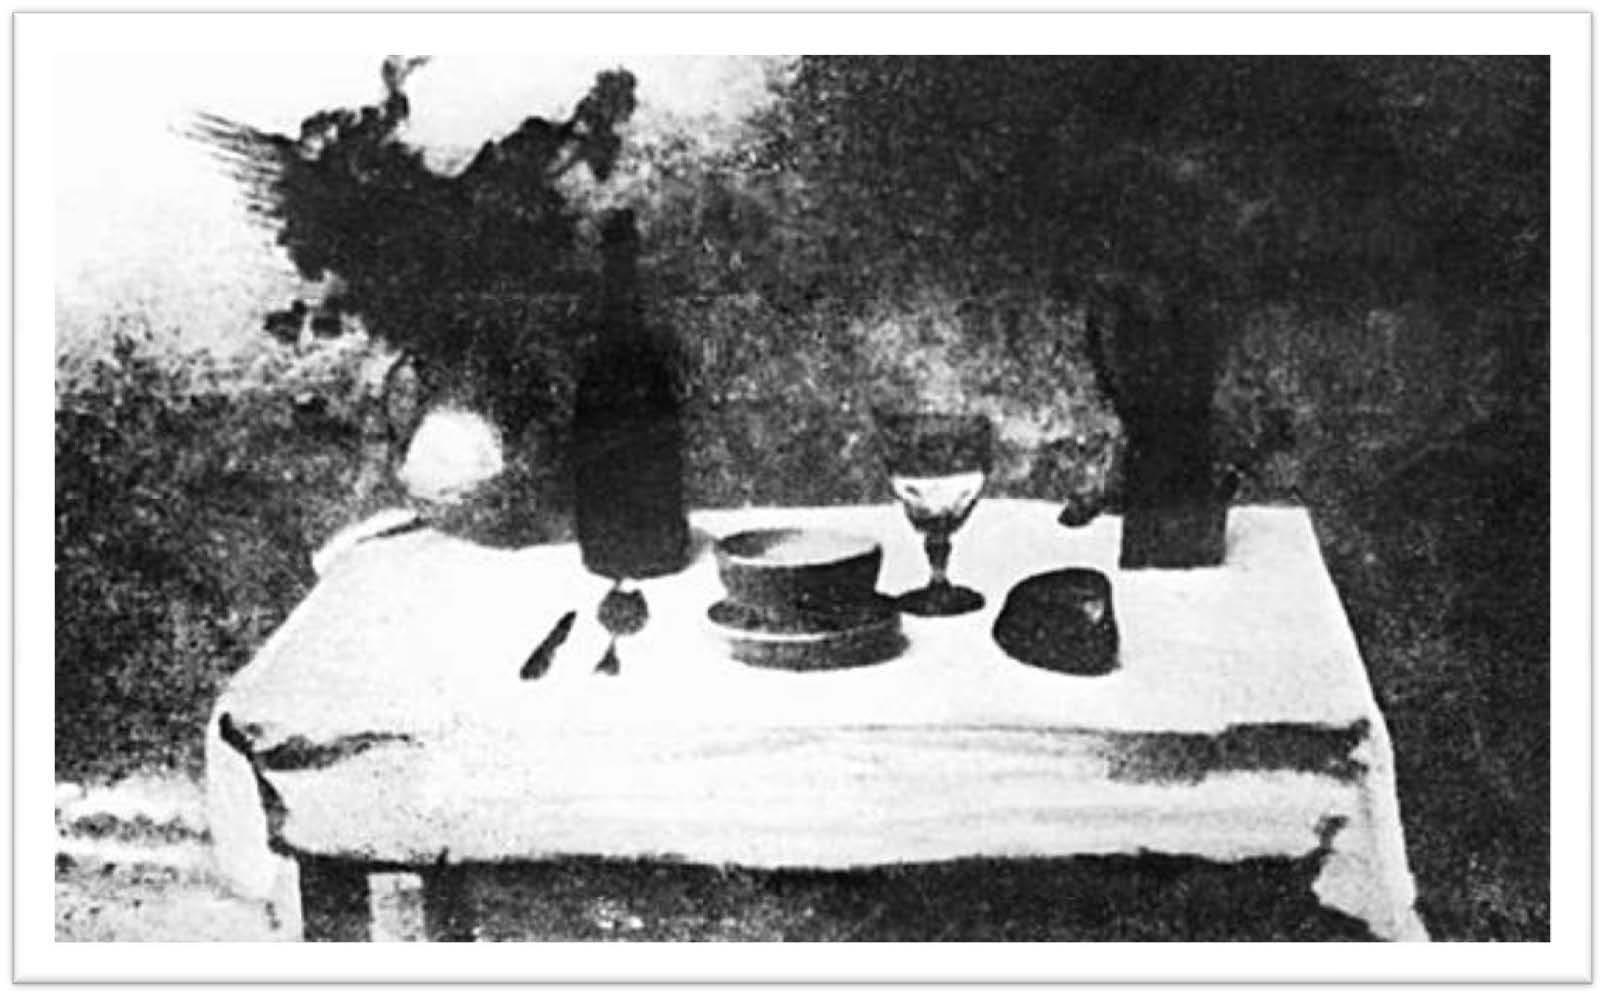 La primera fotografía de la historia - La mesa puesta - Niepce